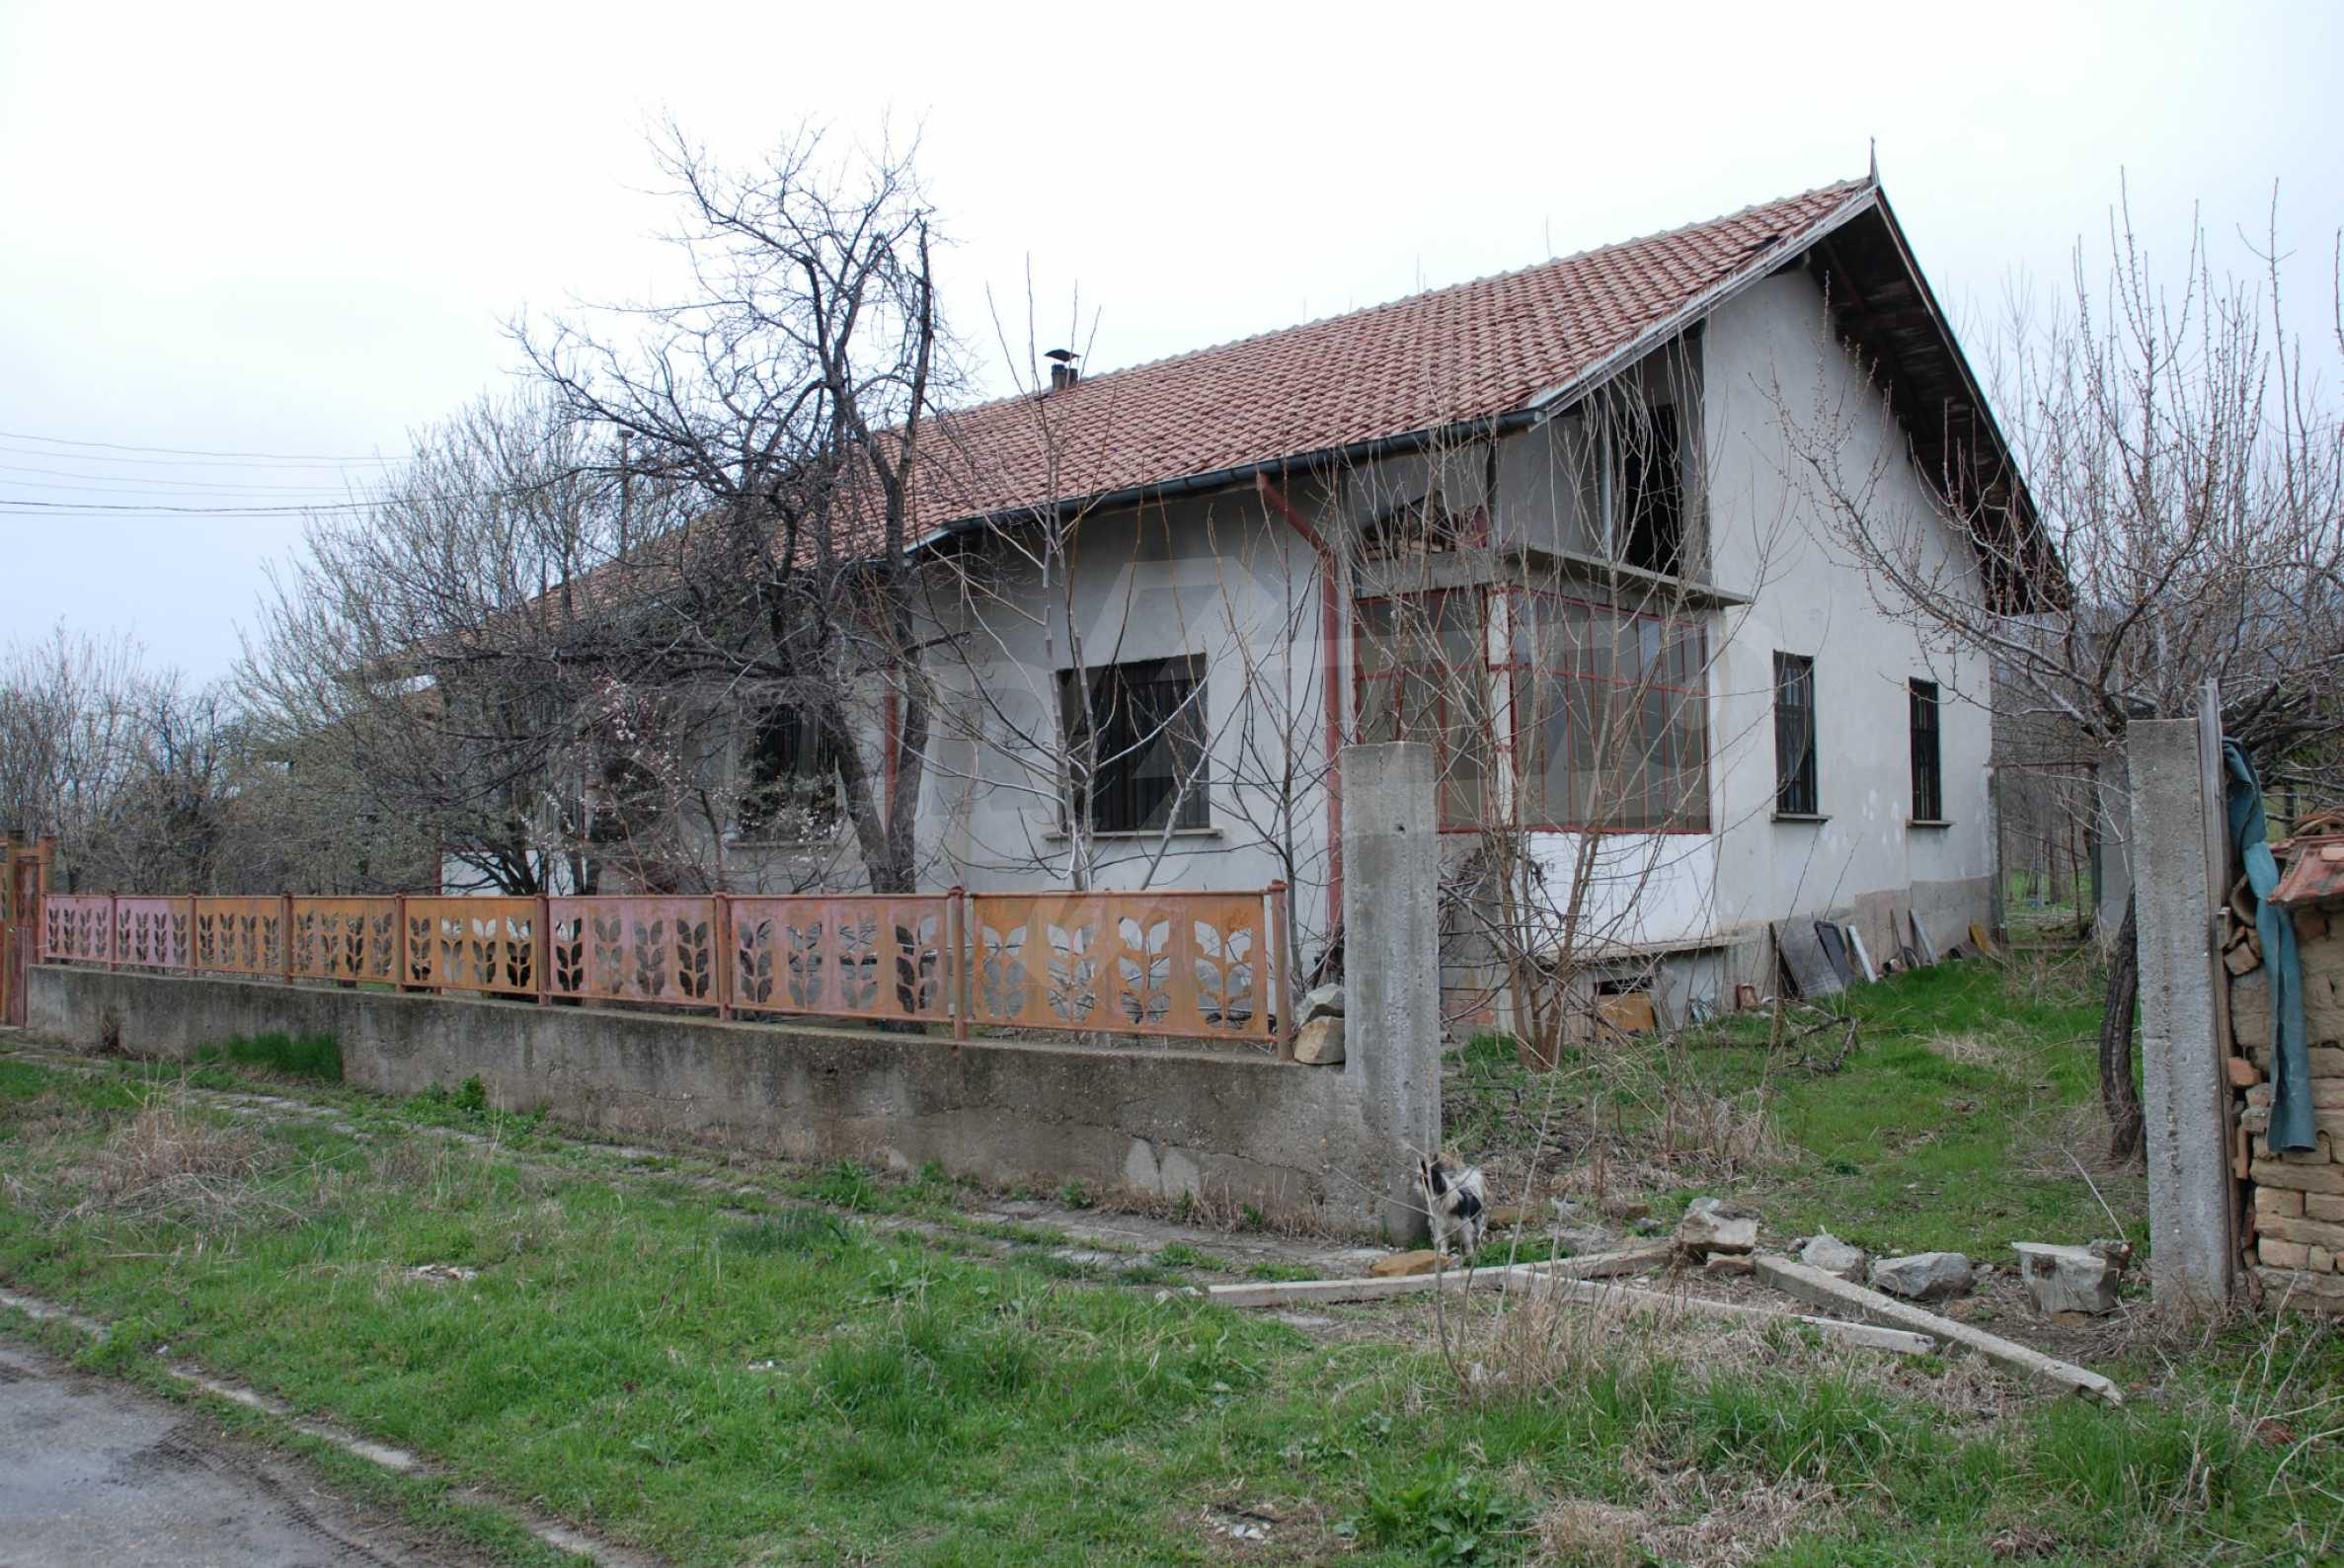 Ein solides, großes Haus in einem Dorf am Fluss 5